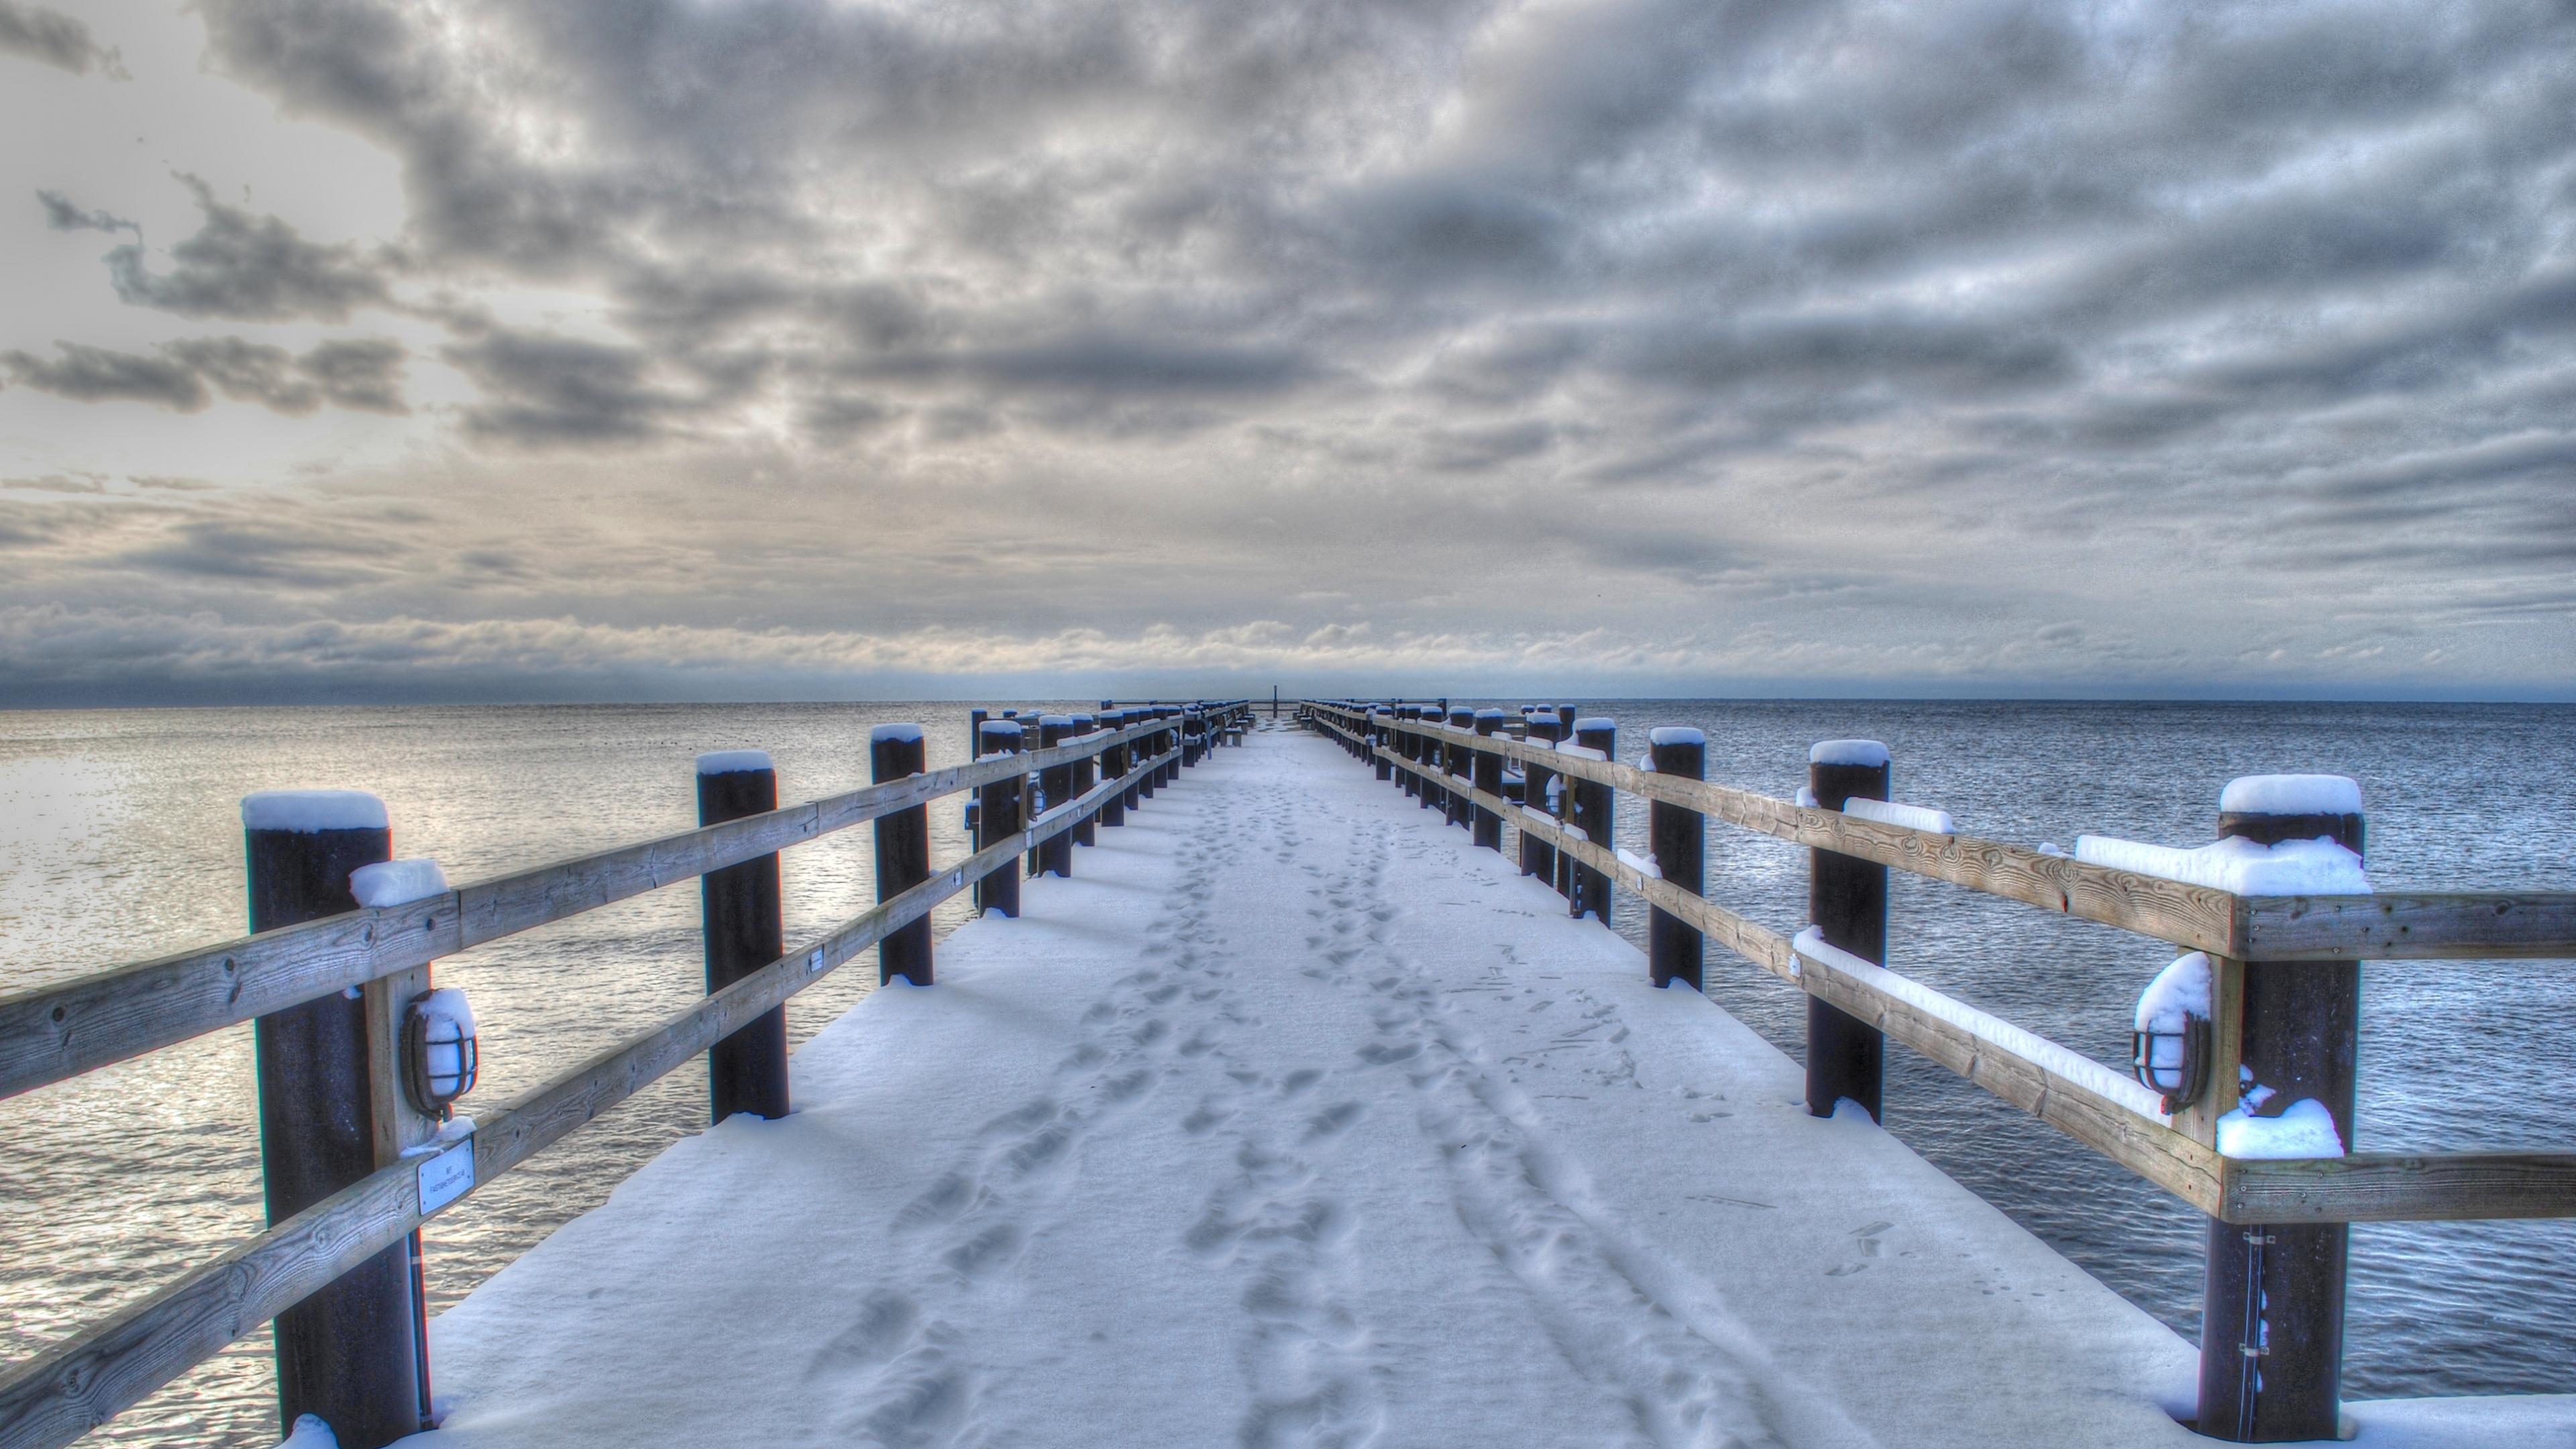 Wallpaper 38402160 sea winter bridge landscape 4K Ultra HD HD 3840x2160